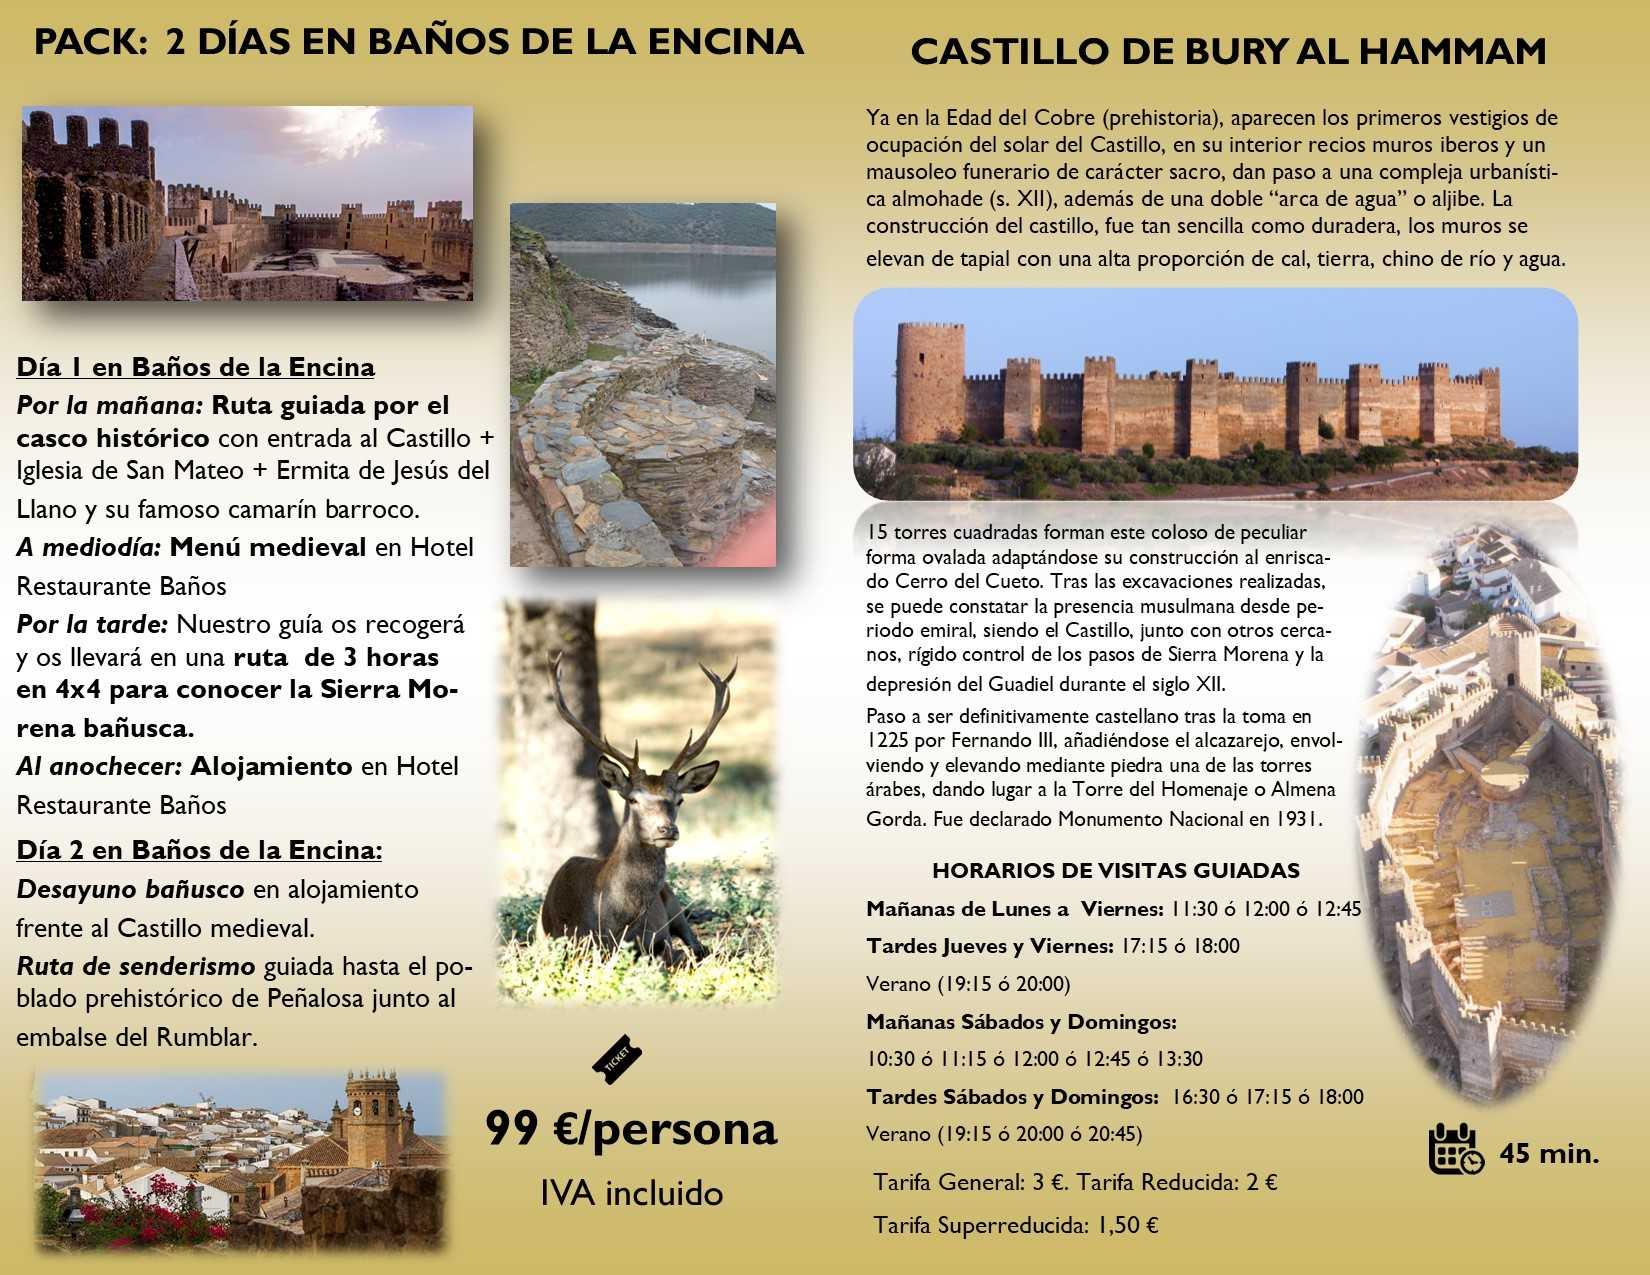 2 días en uno de los Pueblos más Bonitos de España